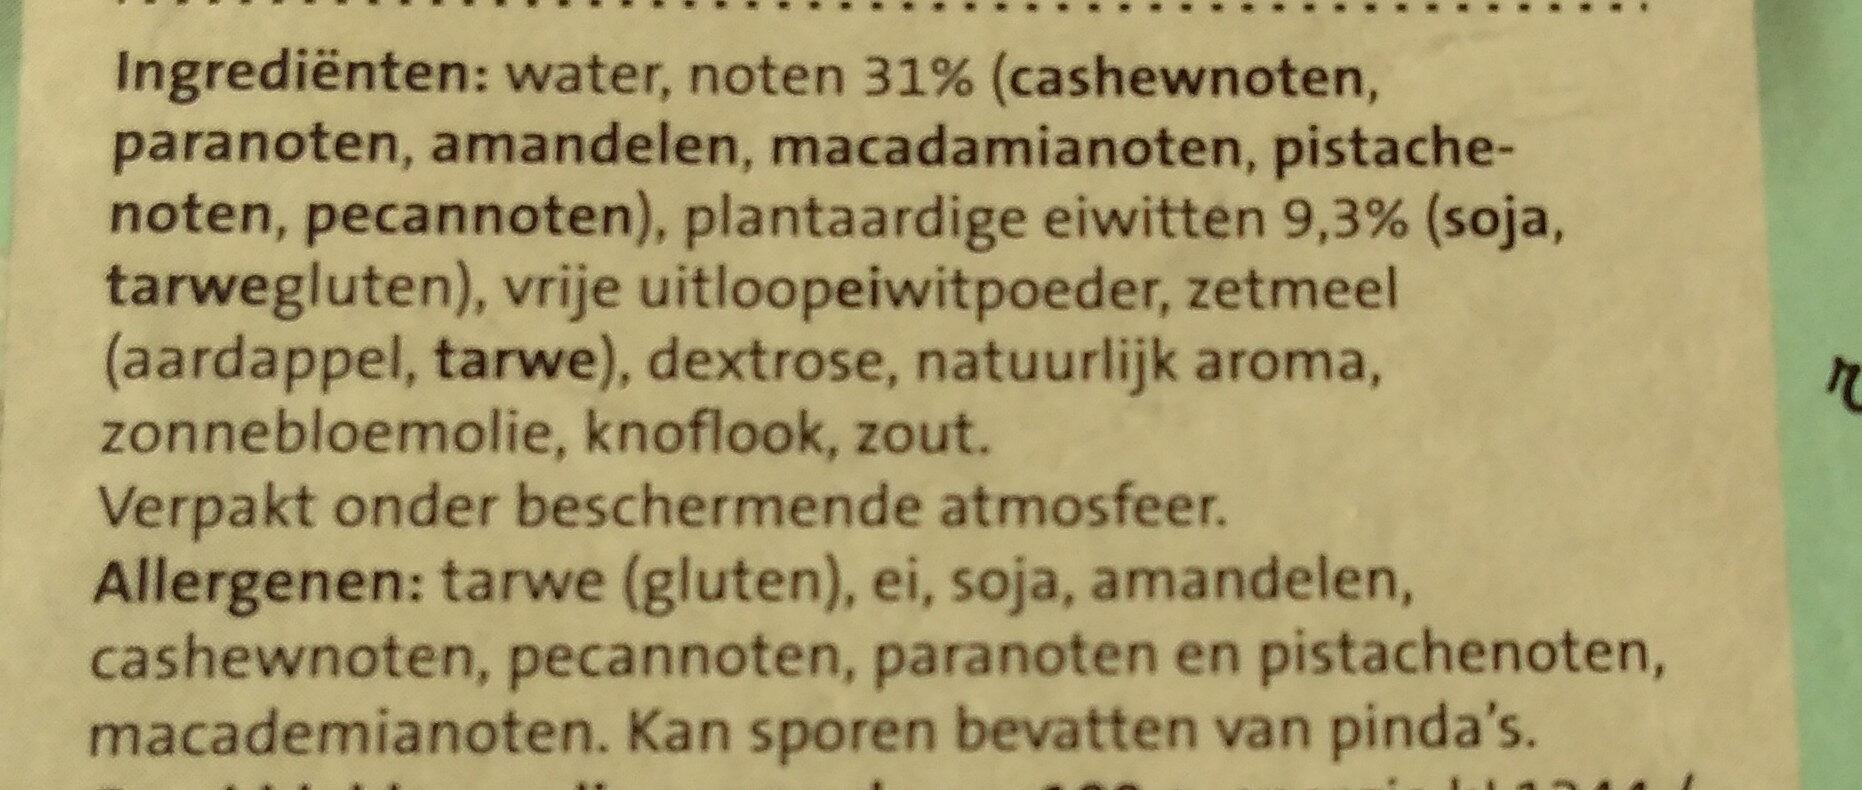 Notenburger - Ingrediënten